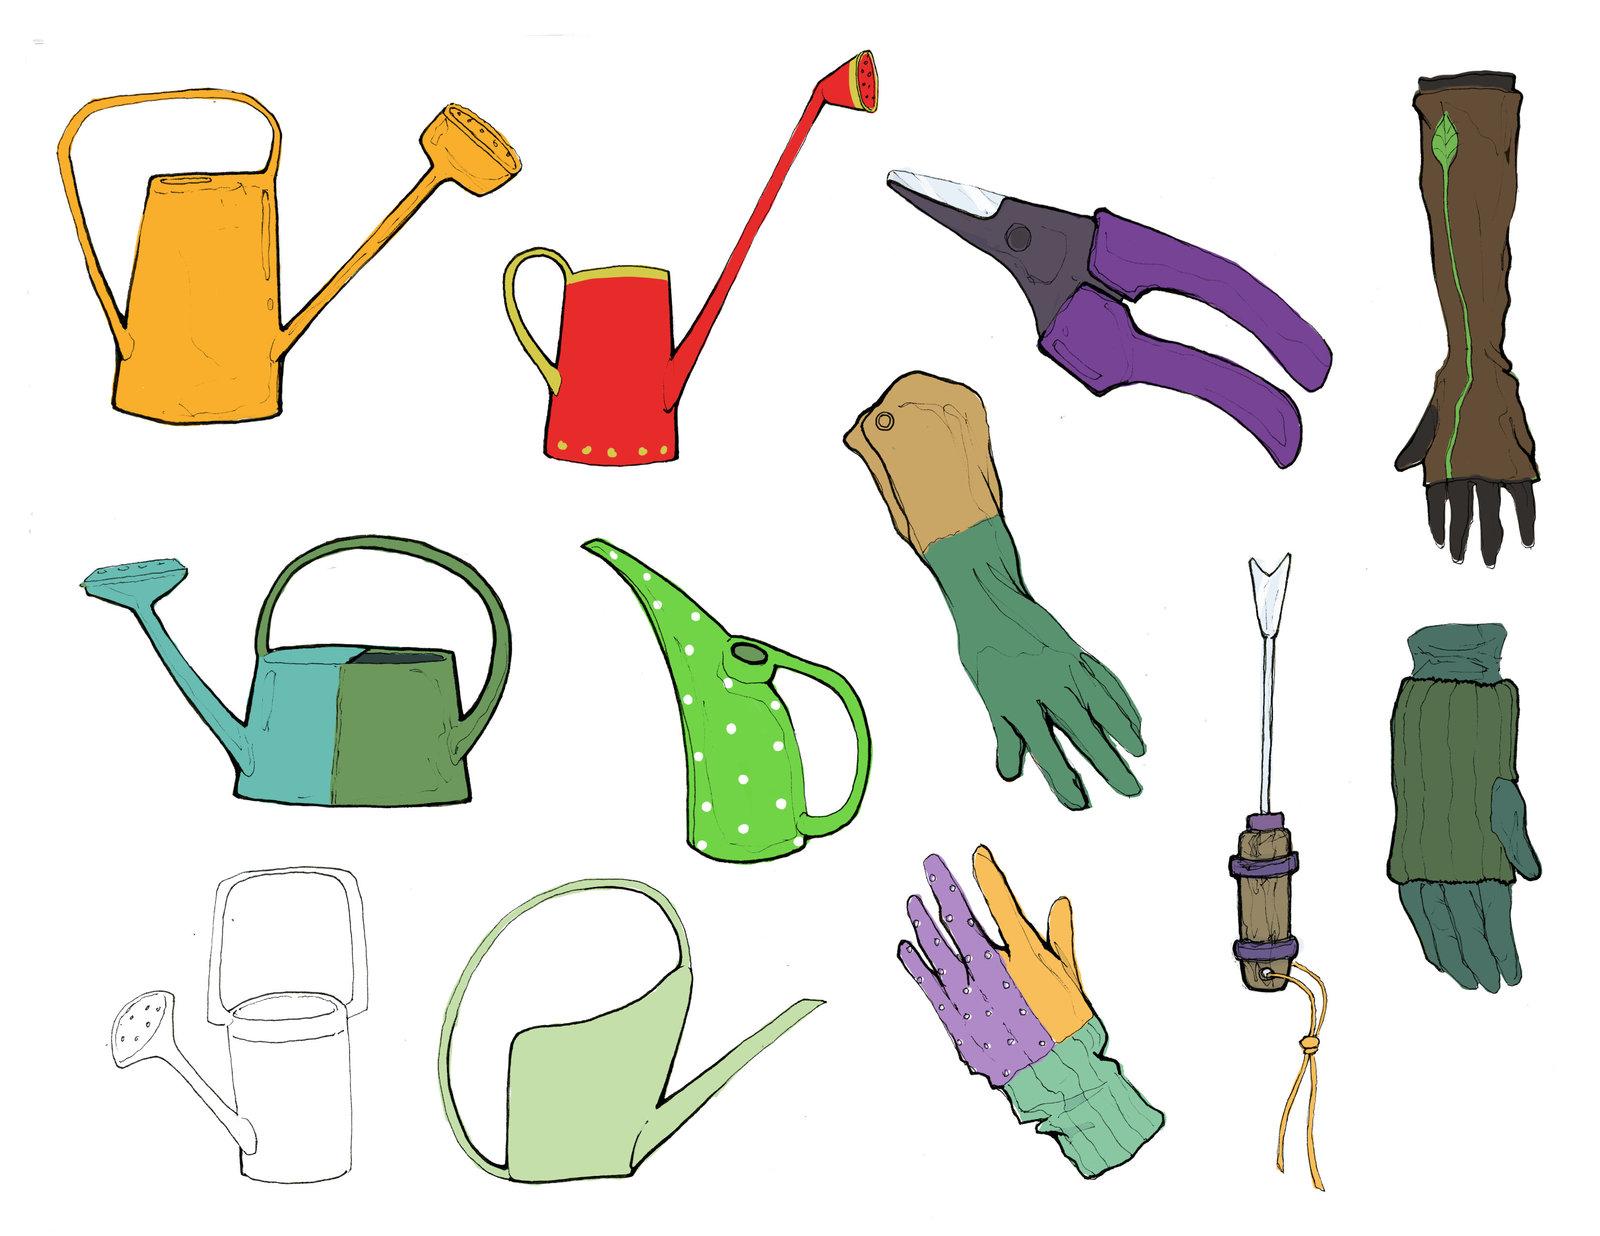 Nahlah's gardening tools.